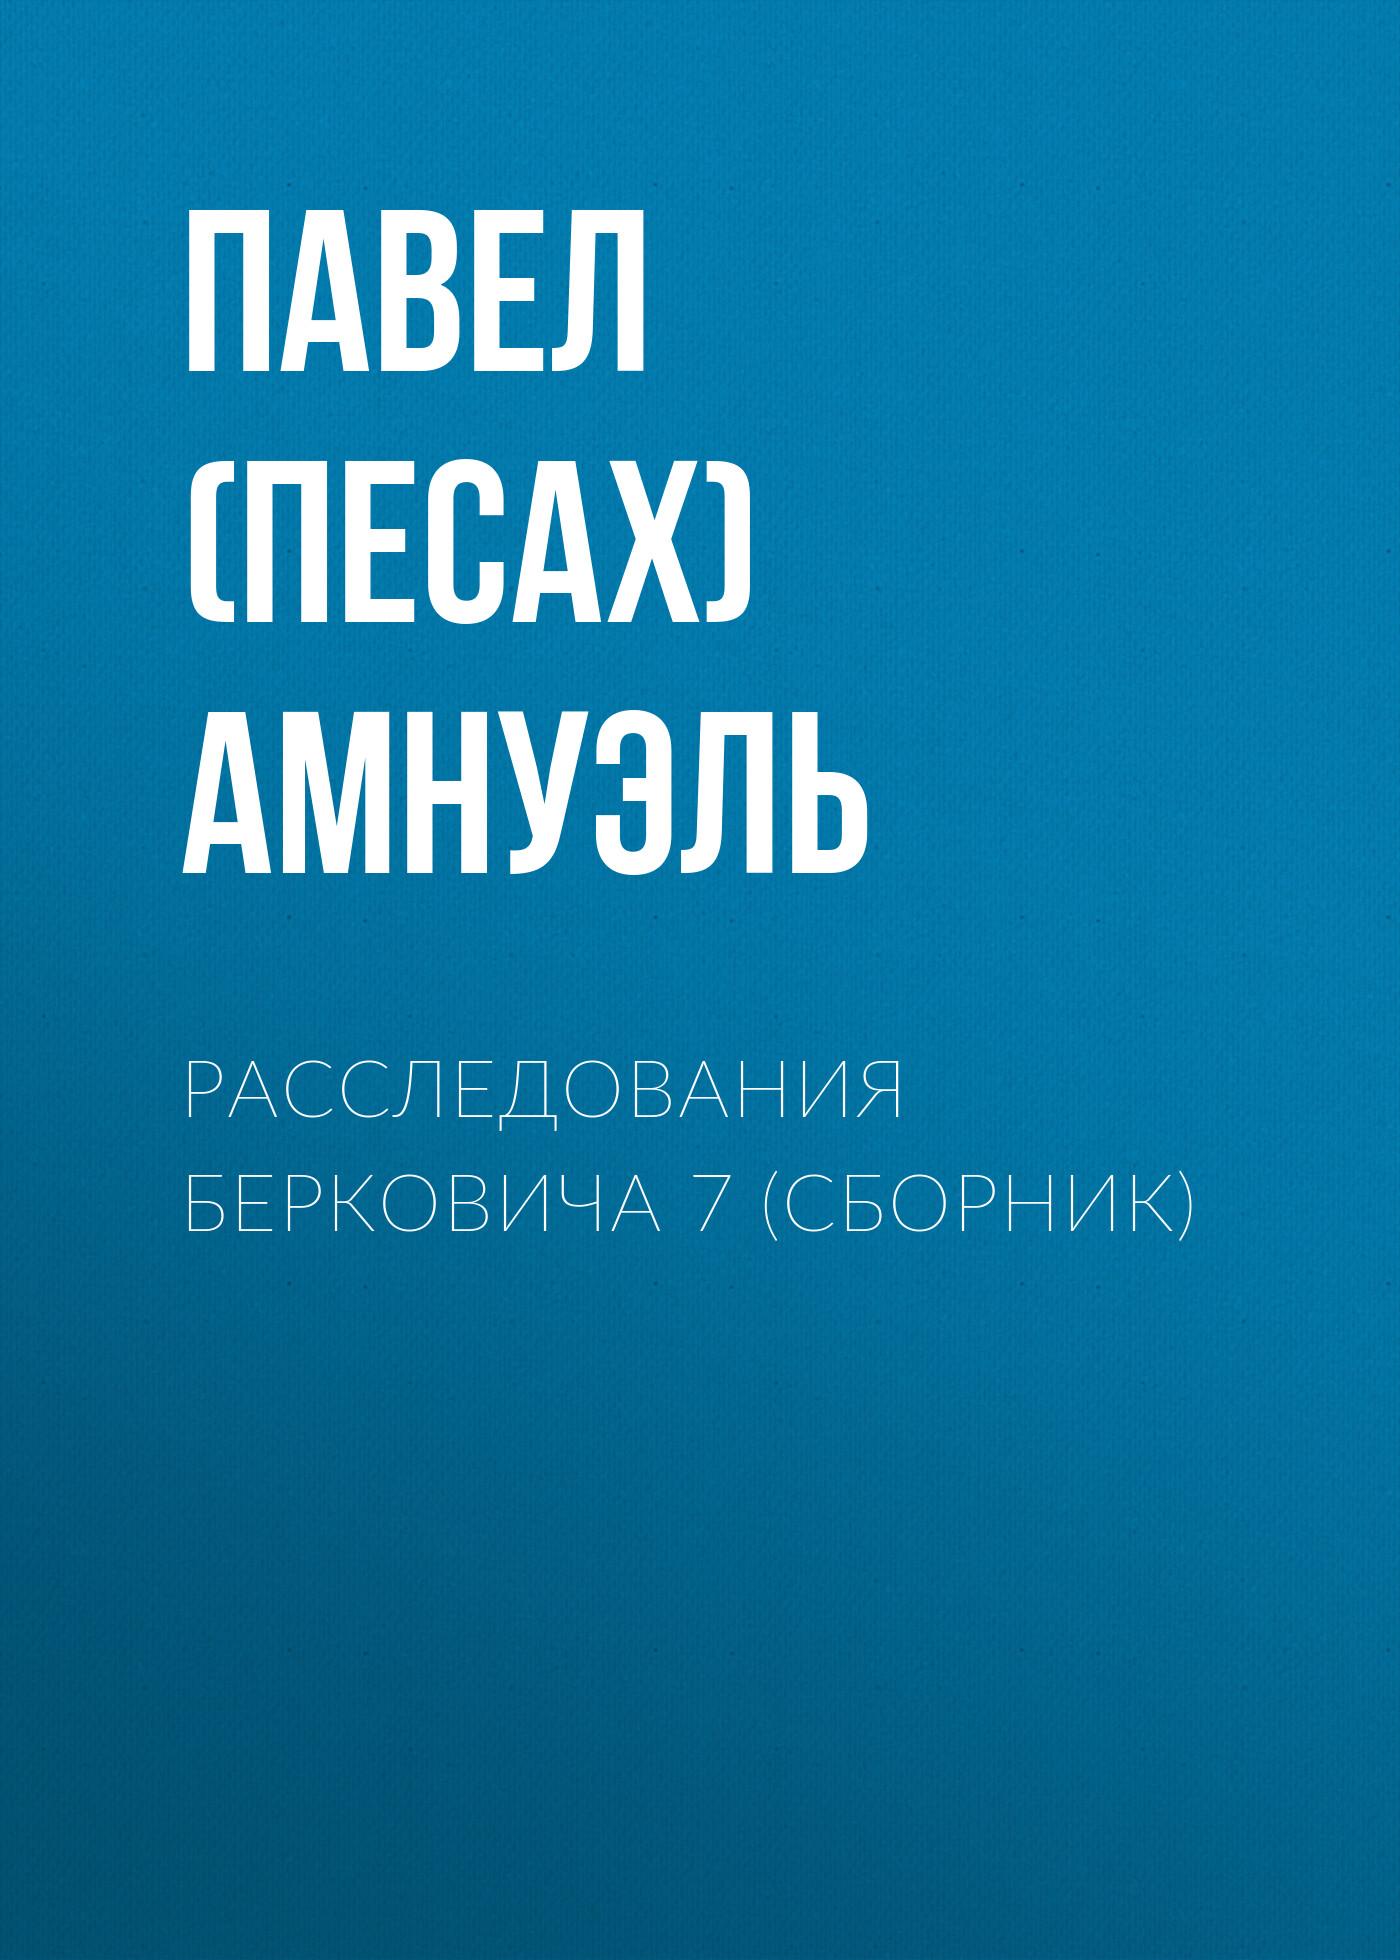 rassledovaniya berkovicha 7 sbornik